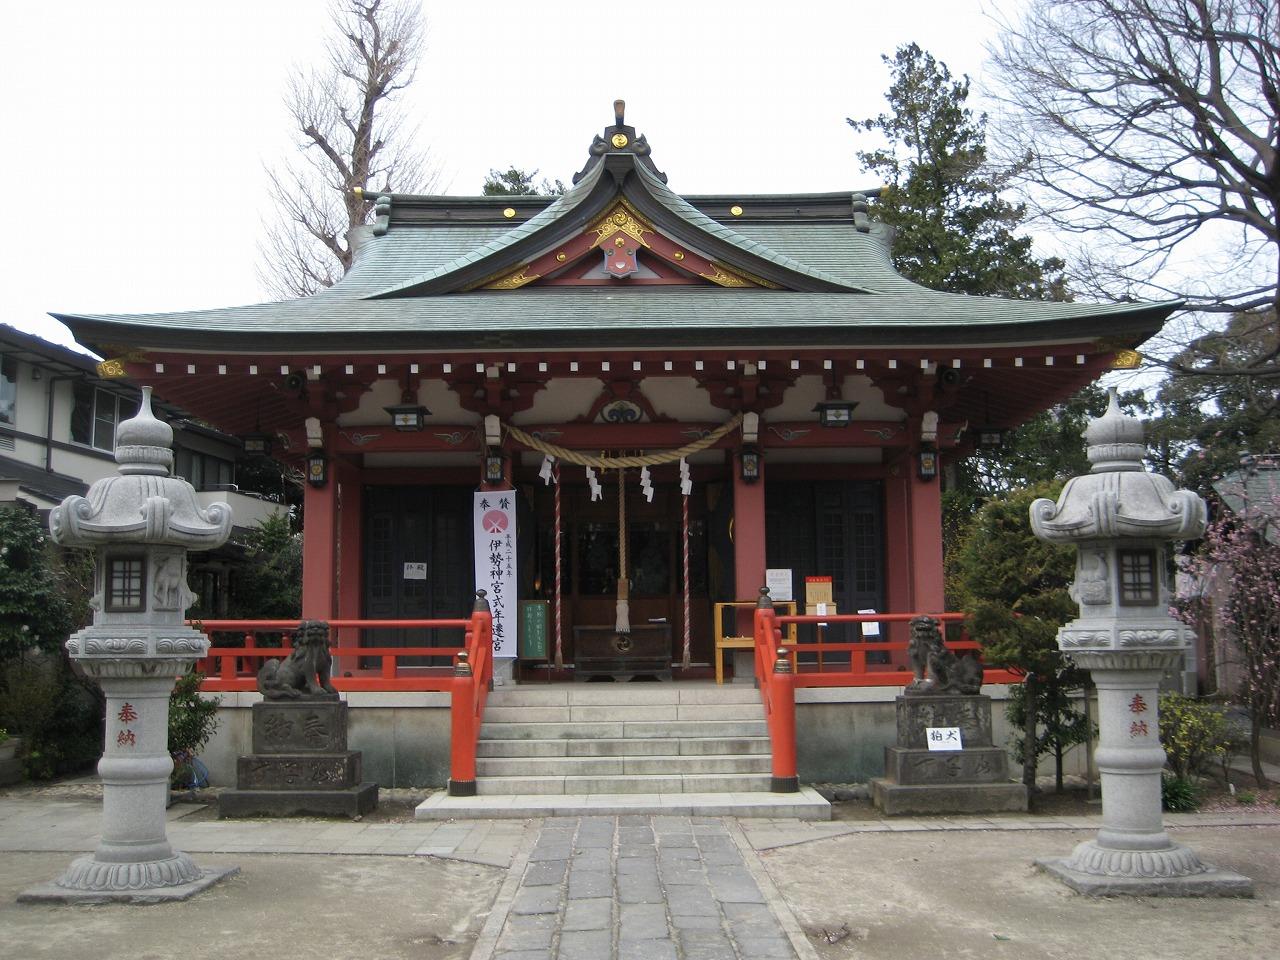 大沢香取神社(埼玉県越谷市)神社